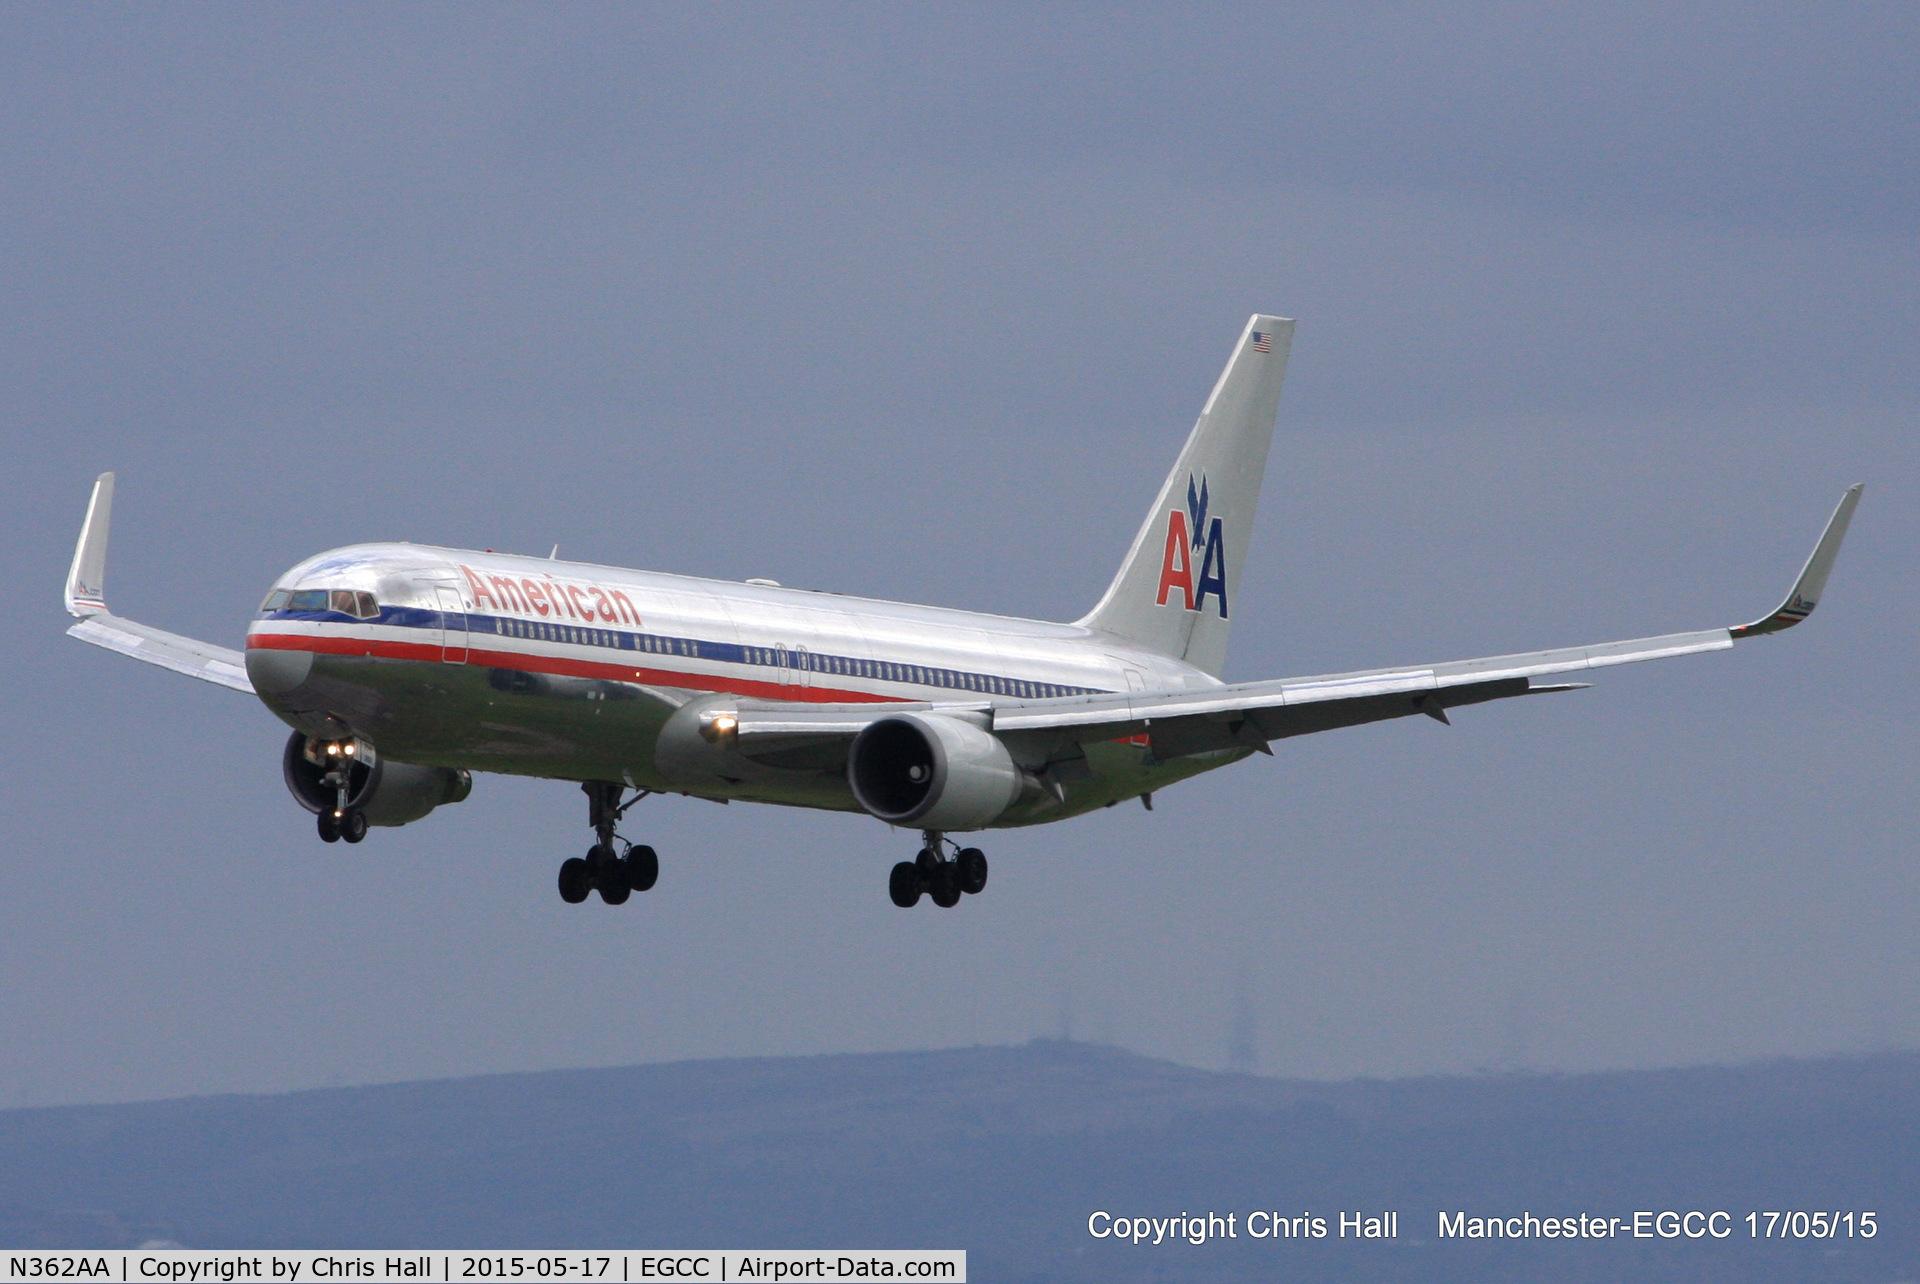 N362AA, 1988 Boeing 767-323 C/N 24043, American Airlines